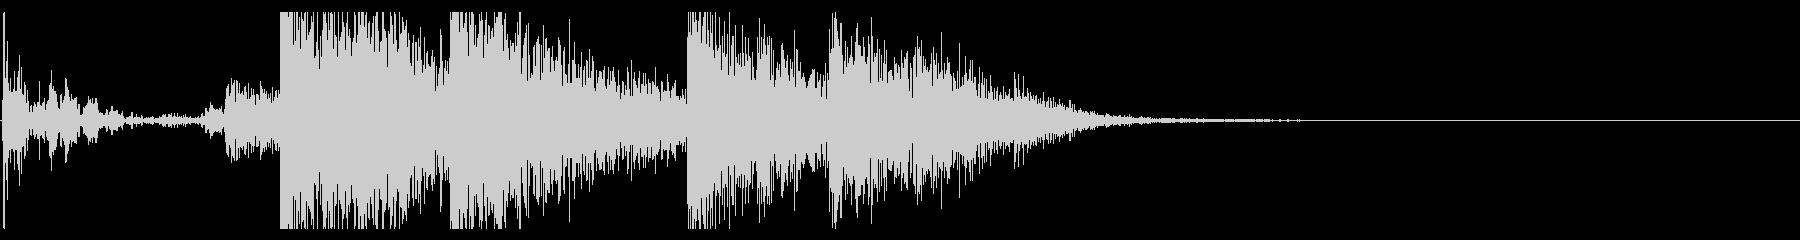 【生録音】ブリキのバケツの音 学校 1の未再生の波形